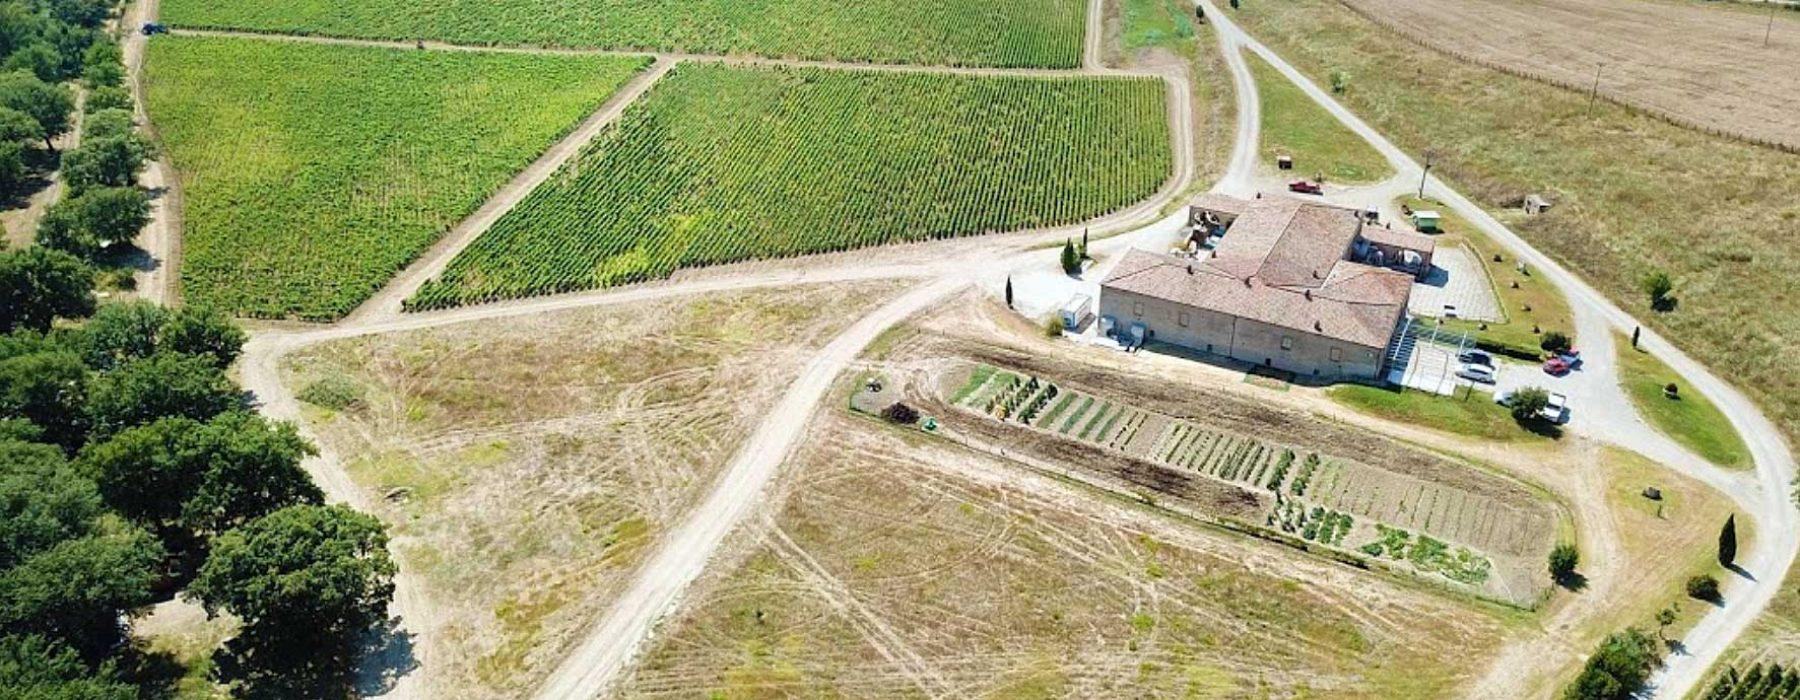 Trinoro et Passopisciaro : de la Toscane à la Sicile pour des vins réussis